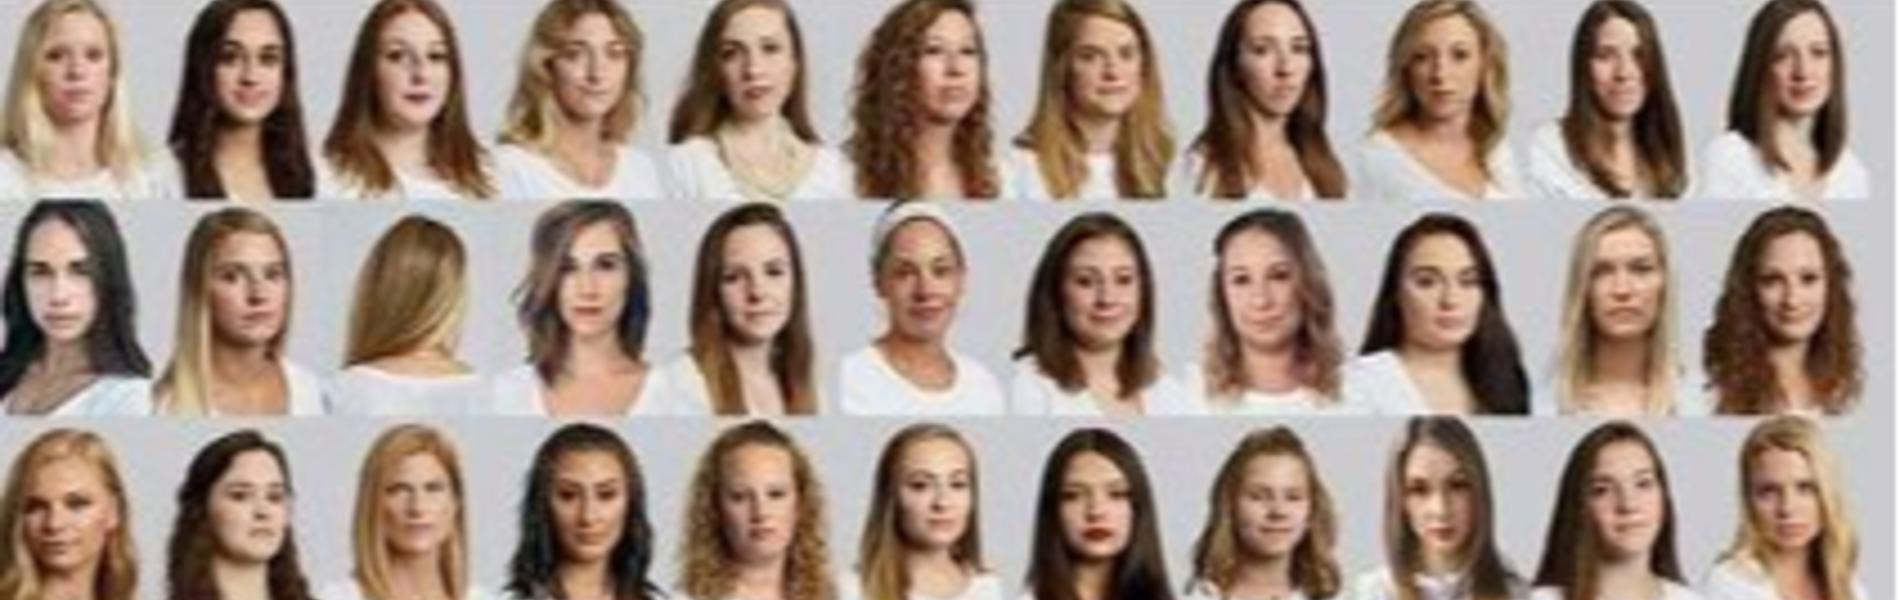 """צבא הנשים שהוריד את ד""""ר לארי נאסר"""